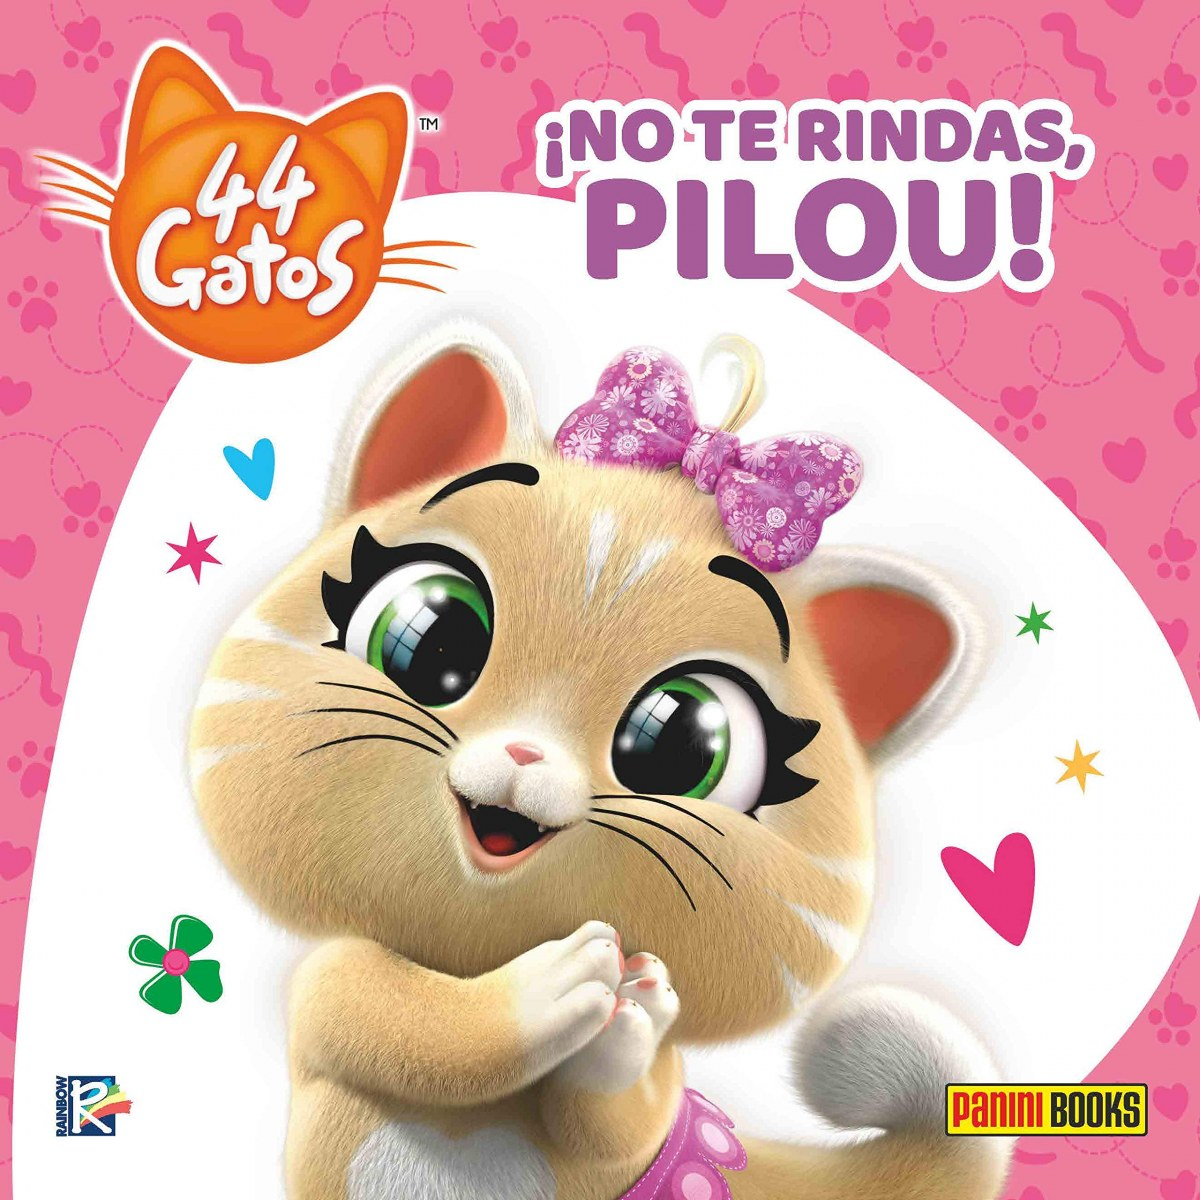 ¡No te rindas Pilou!